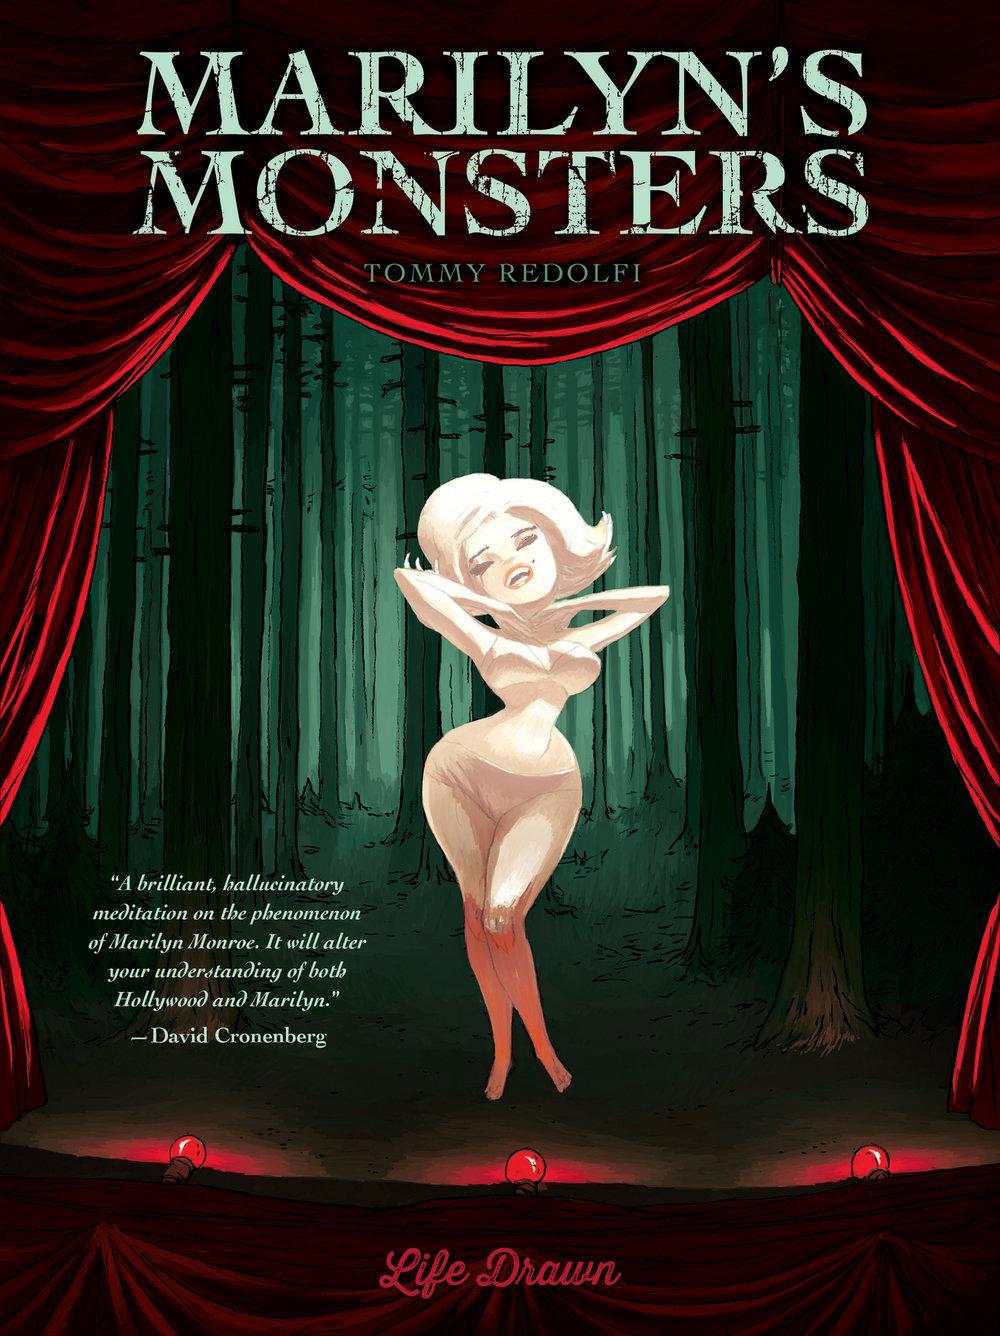 MarilynsMonsters.jpg